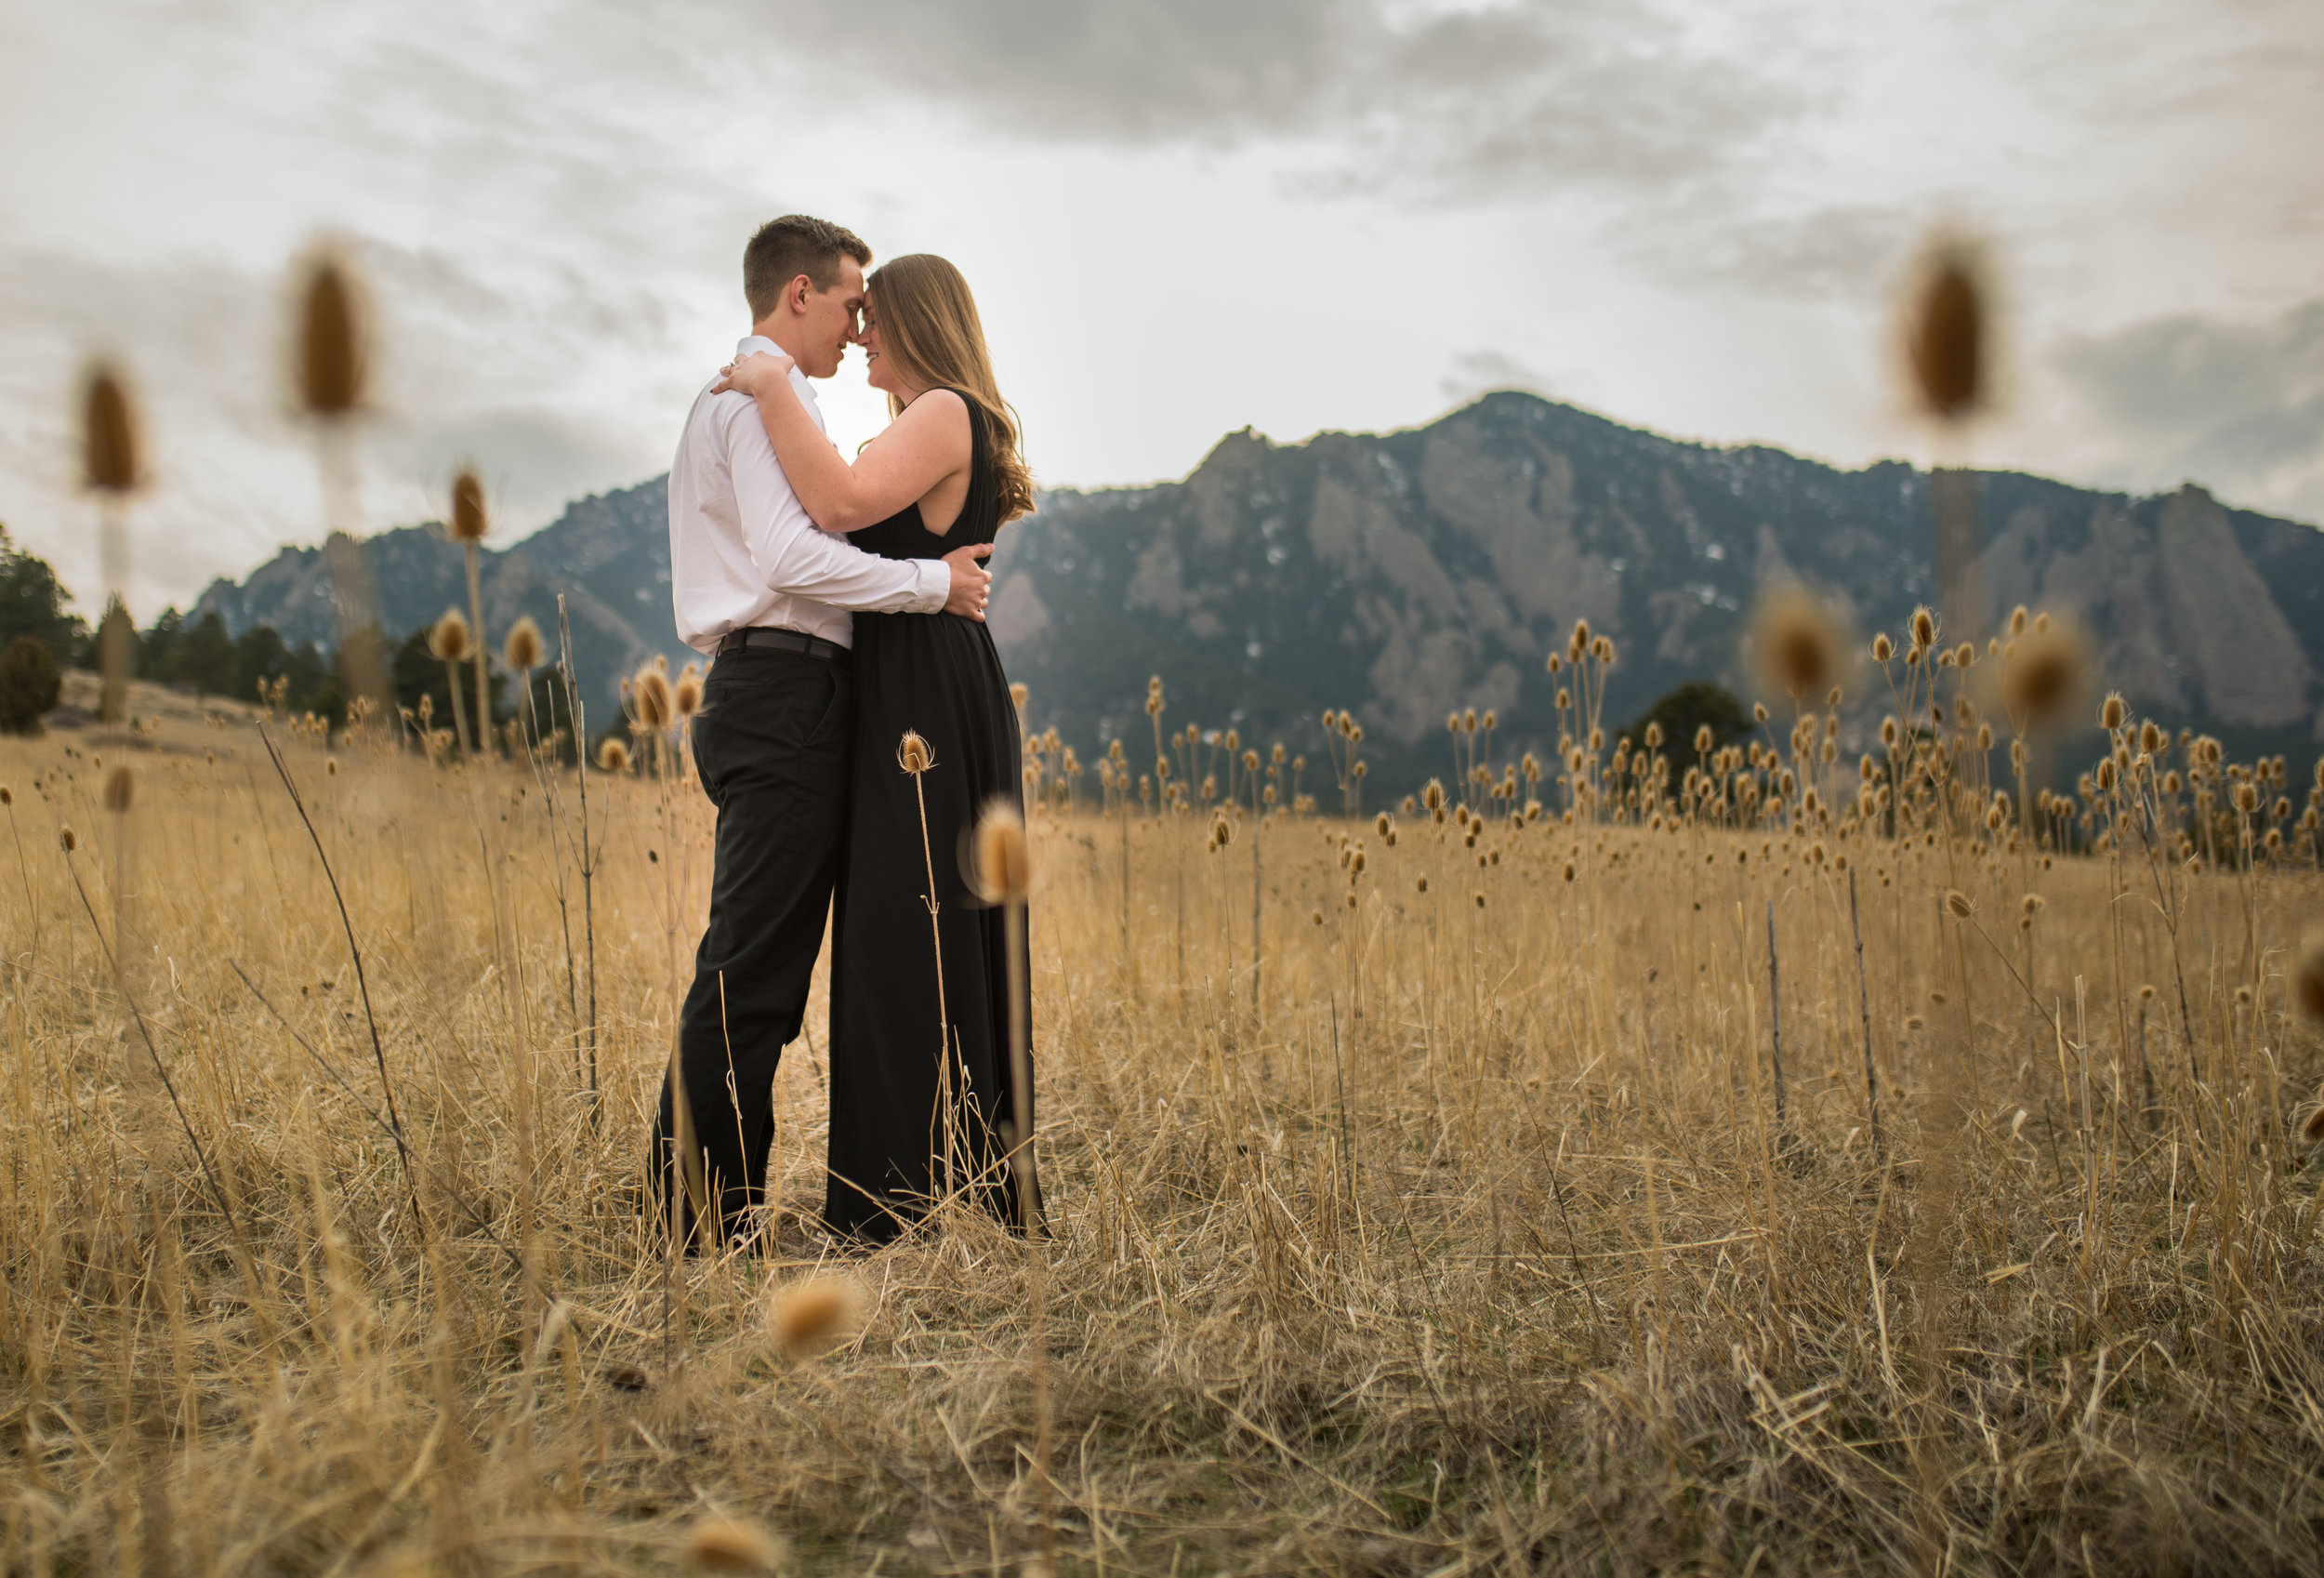 Colorado Engagement Photographer|Jennie Bennett Photography |Sarah and Matt-13.jpg